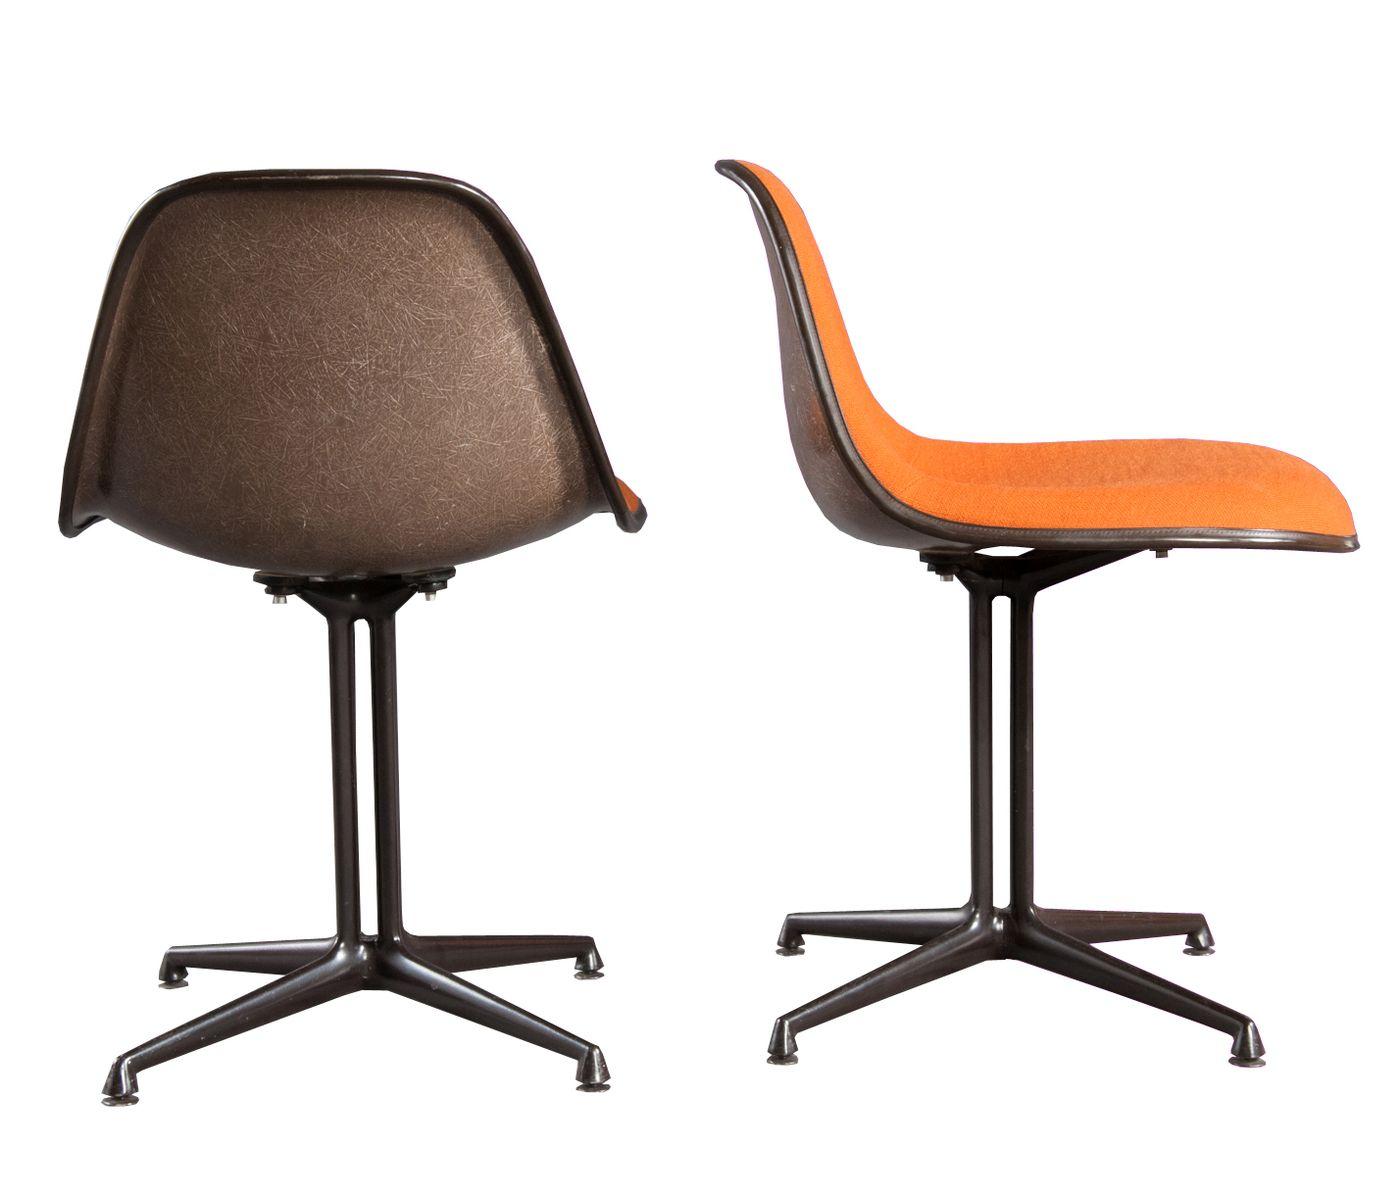 charles eames stuhl eames dsw stuhl in wei 128 00 top 25. Black Bedroom Furniture Sets. Home Design Ideas